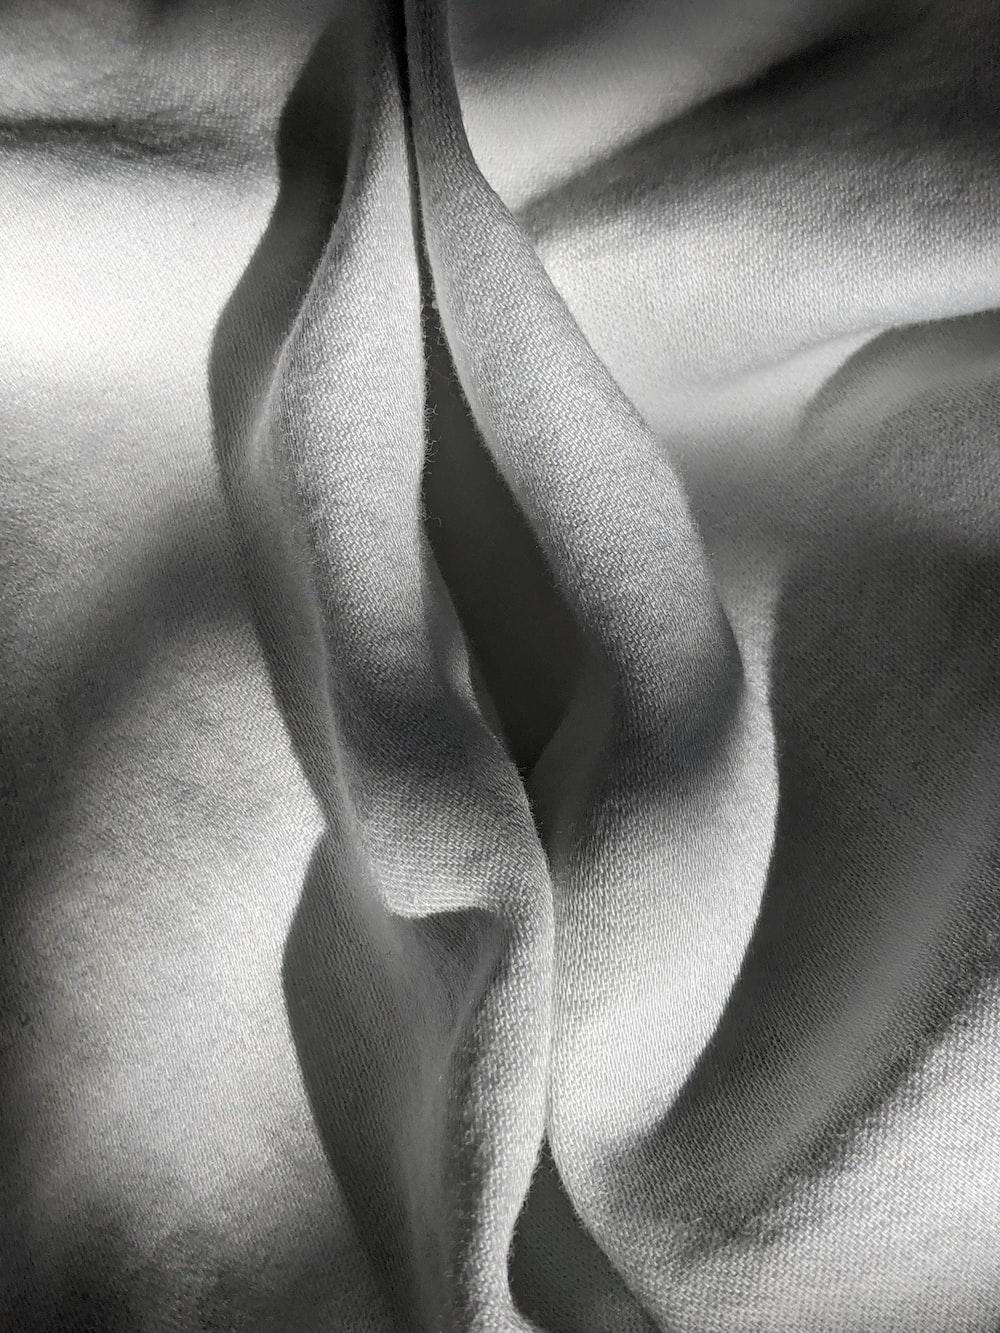 white textile on black textile